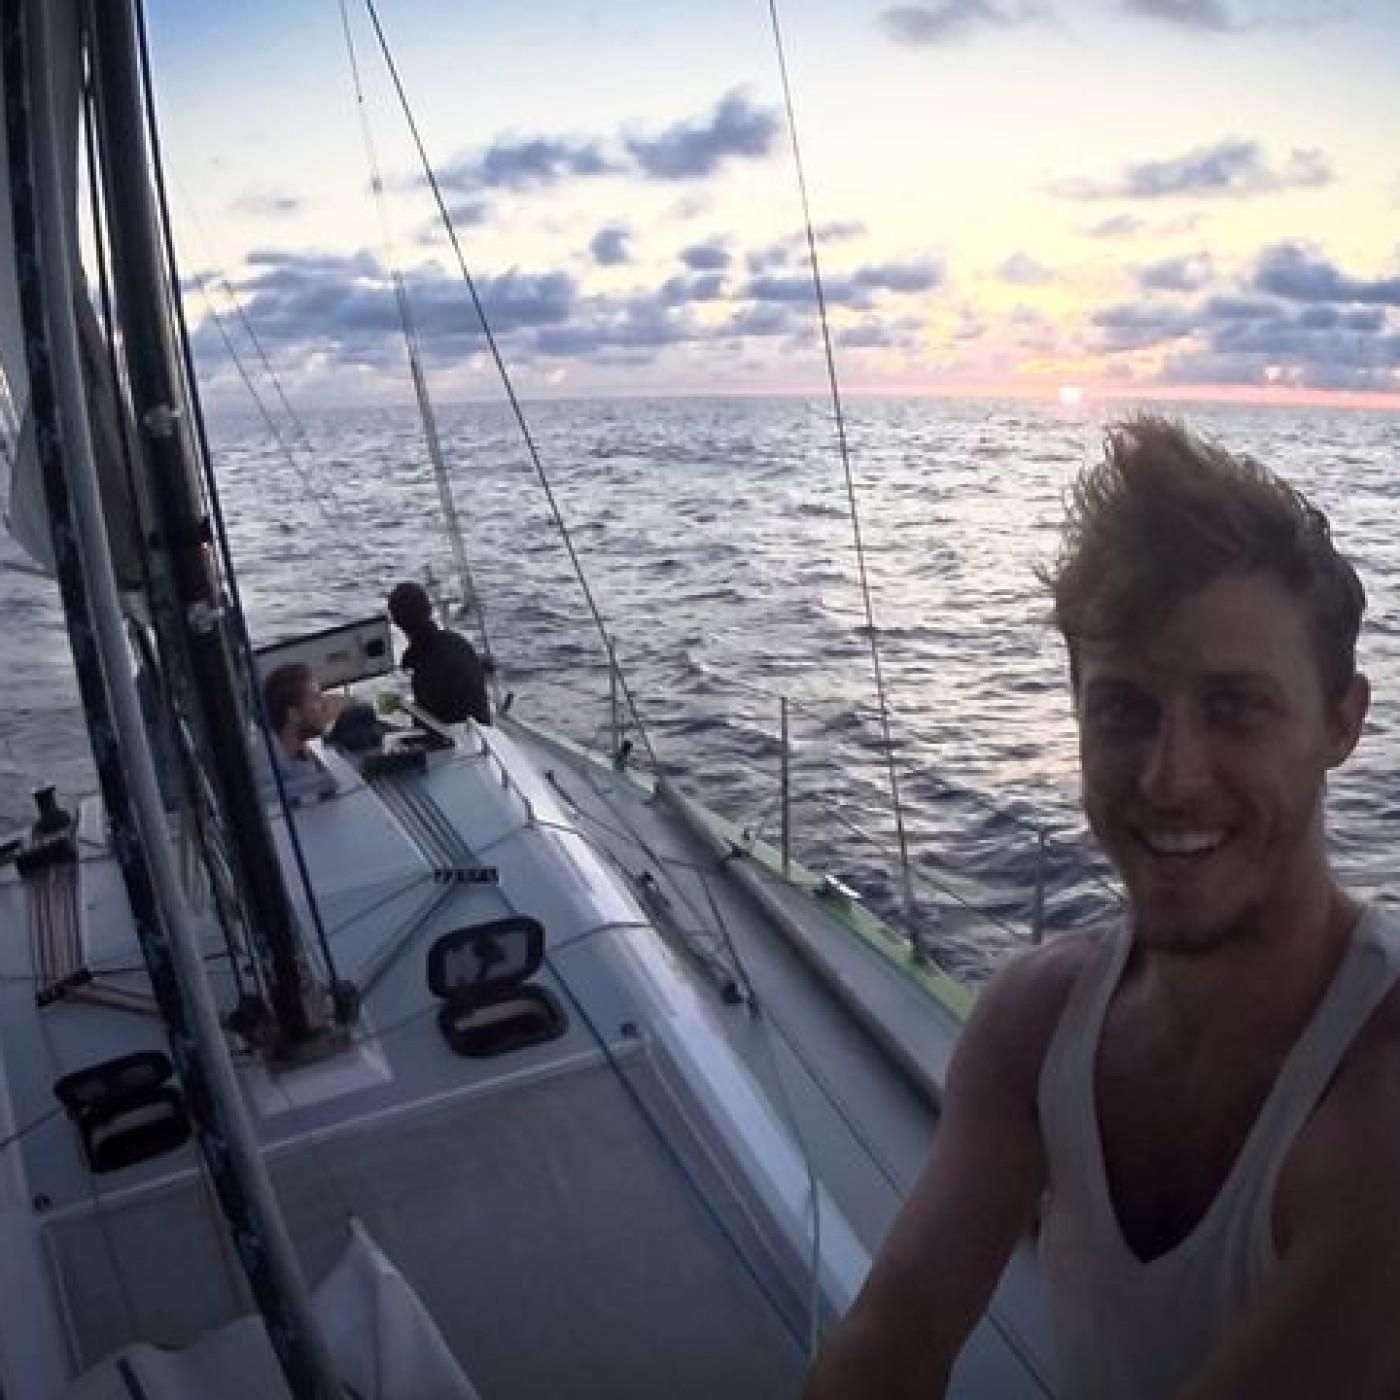 0203 - Globe Trotter : Capitaine Rémi & le voilier